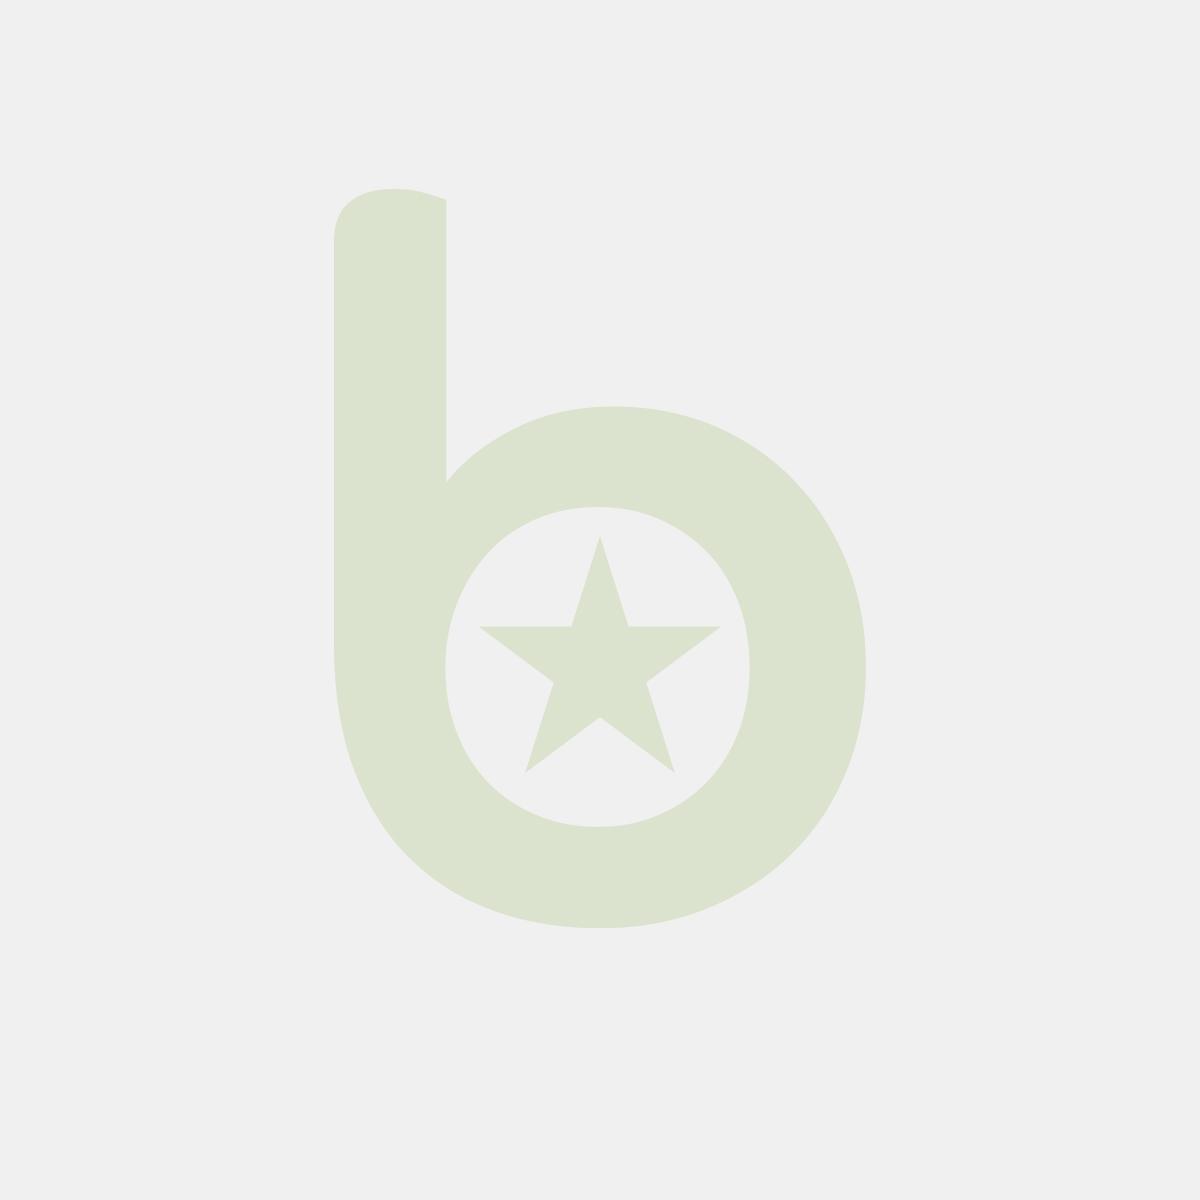 Worek BIGBAG 90x90x120, GÓRA FARTUCH – DÓŁ ZAMKNIĘTY